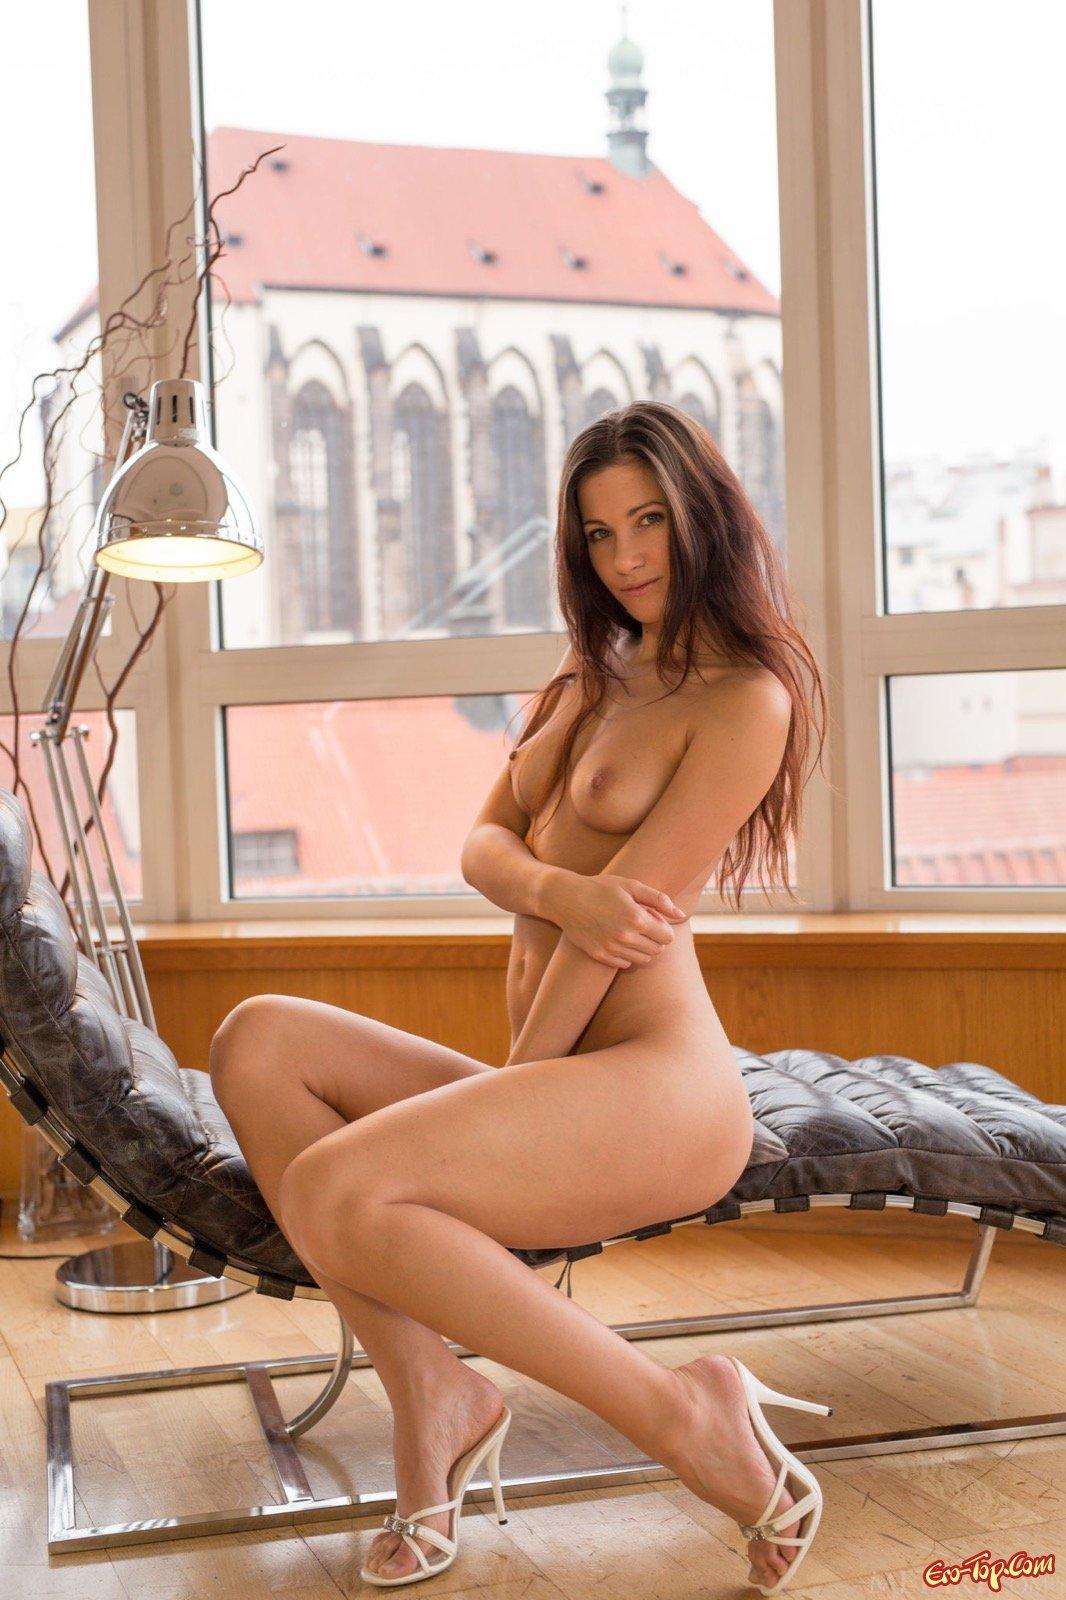 Стройняшка с красивой попой лежит на кушетке у окна